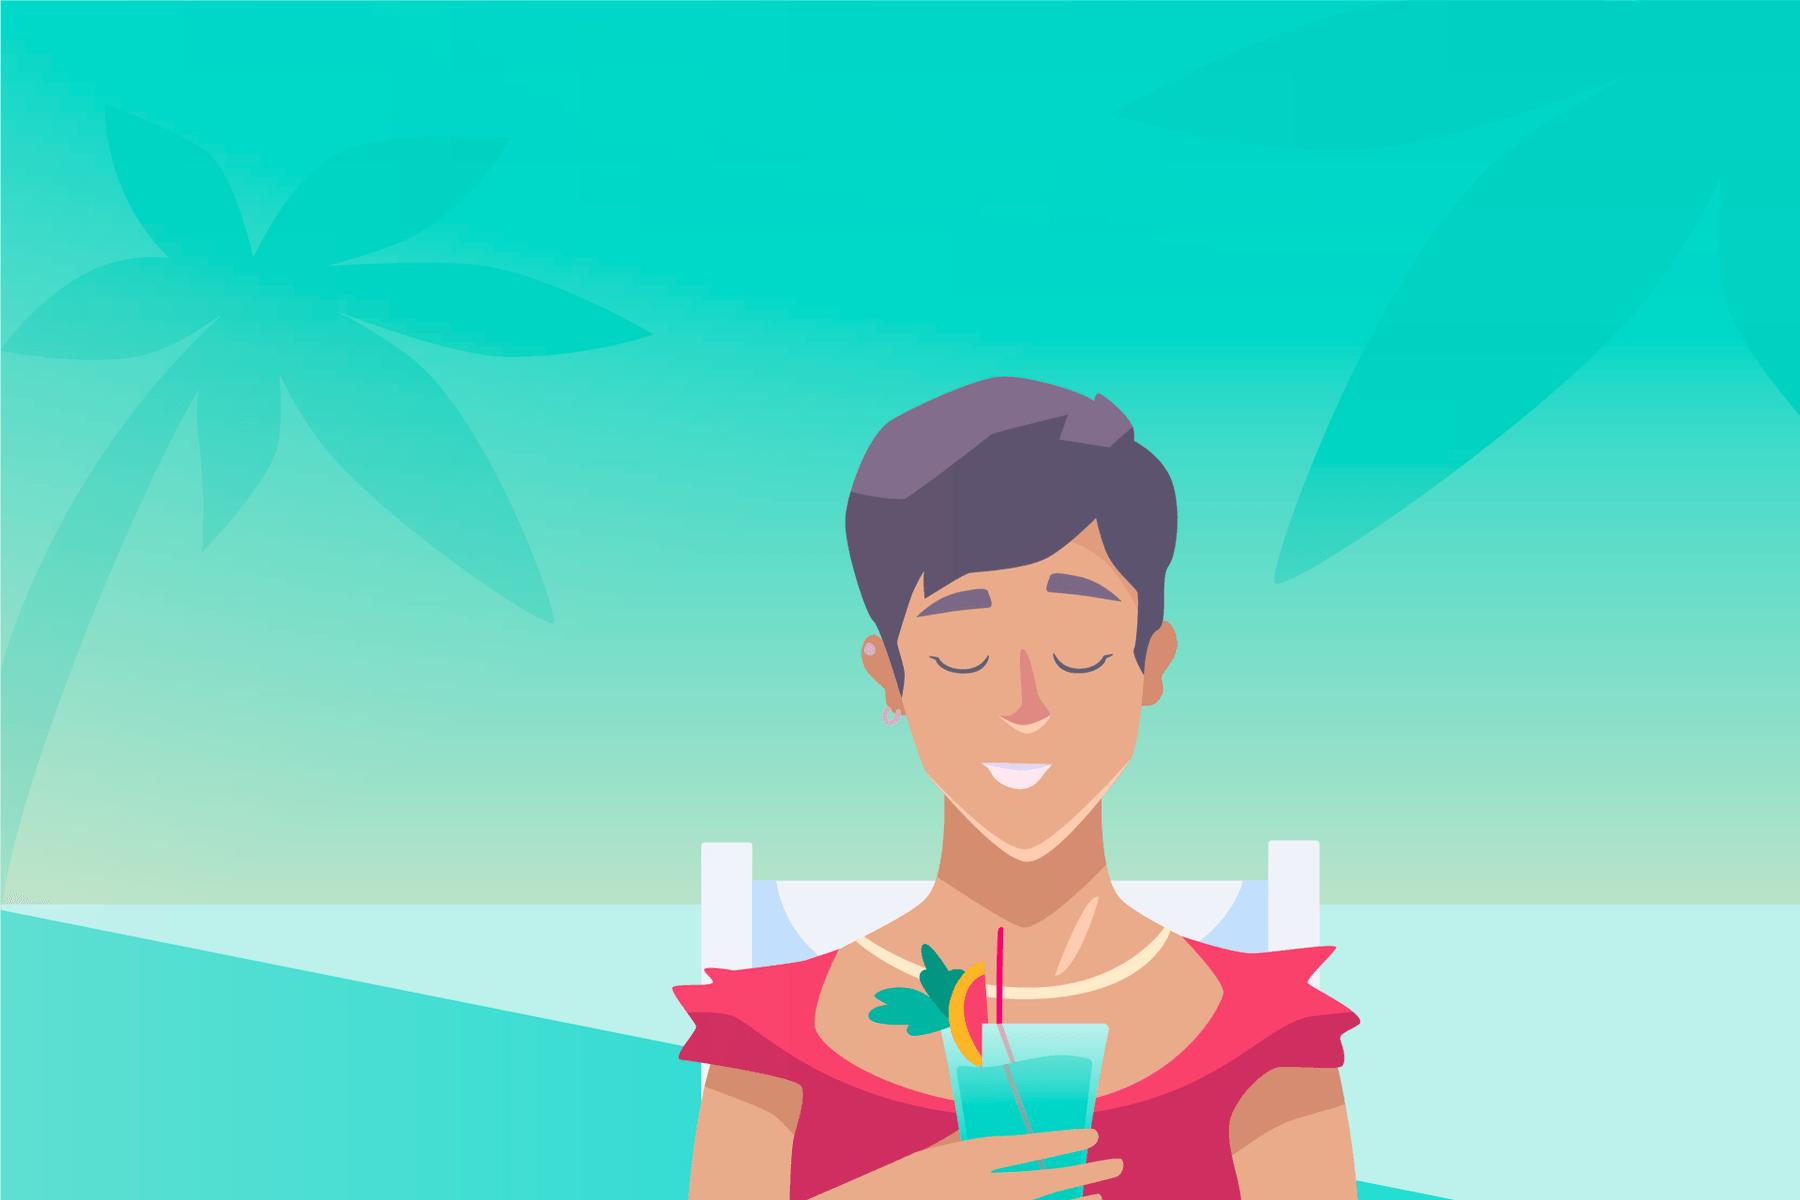 Een persoon zittend in een stoel met de ogen dicht en glimlachen, met een tropisch drankje op vakantie.